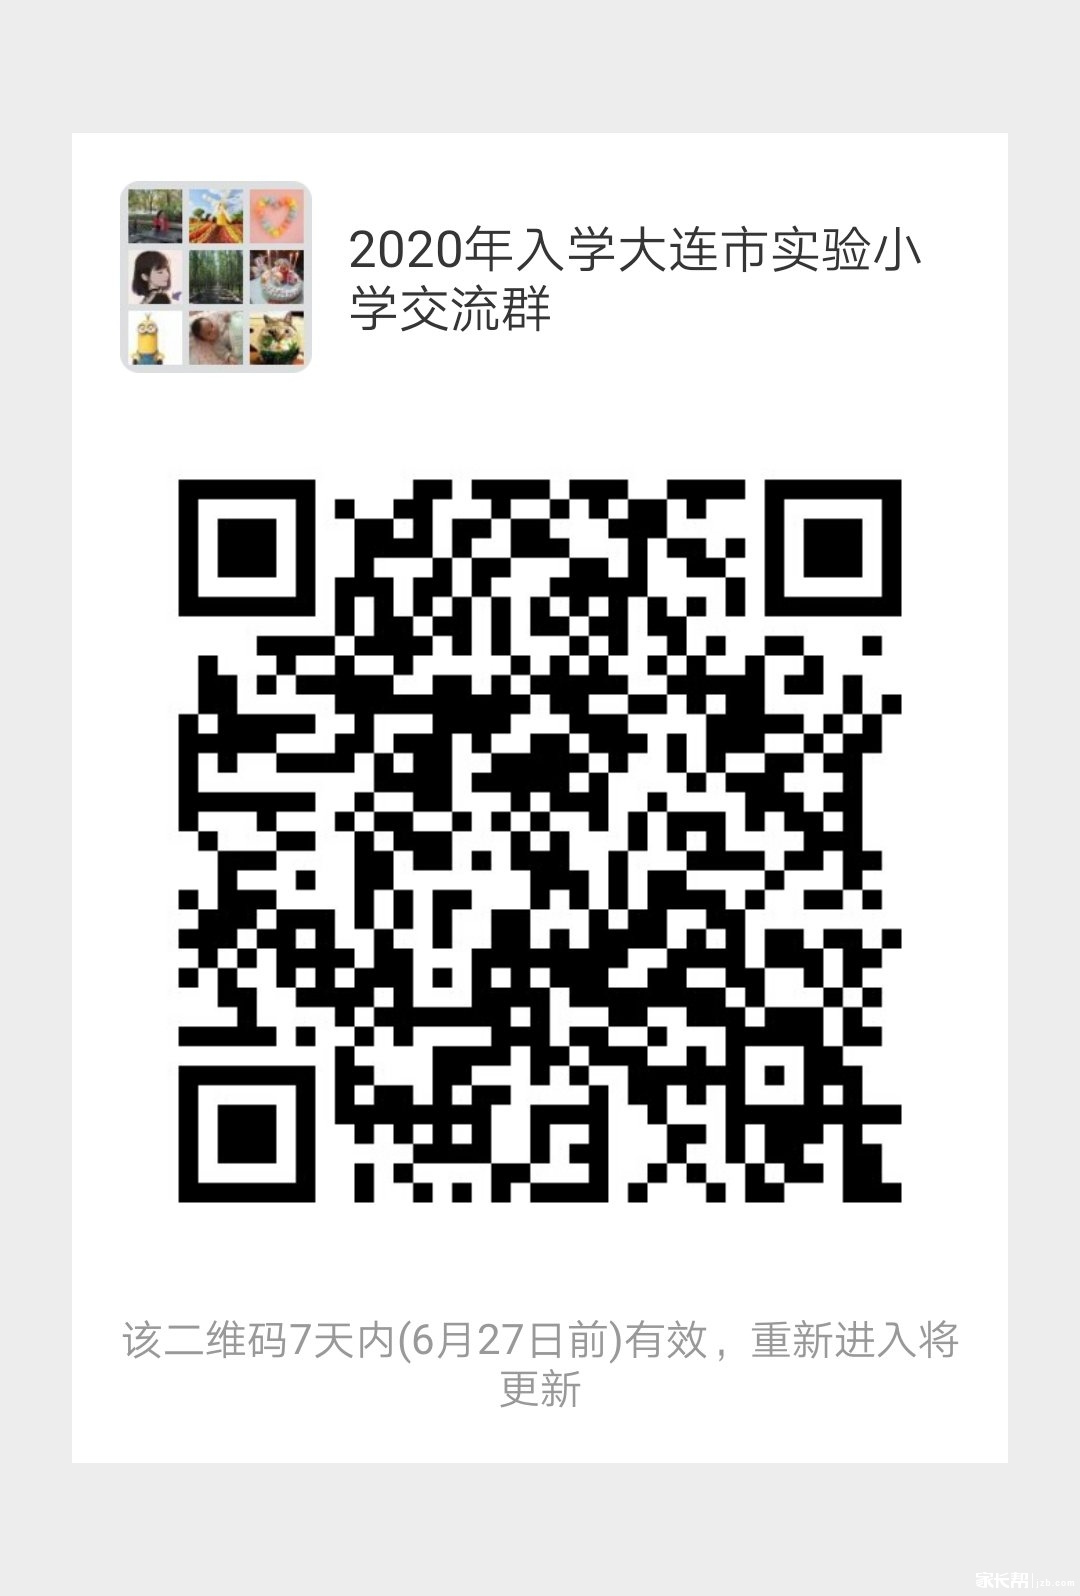 微信图片_20190620110204.jpg